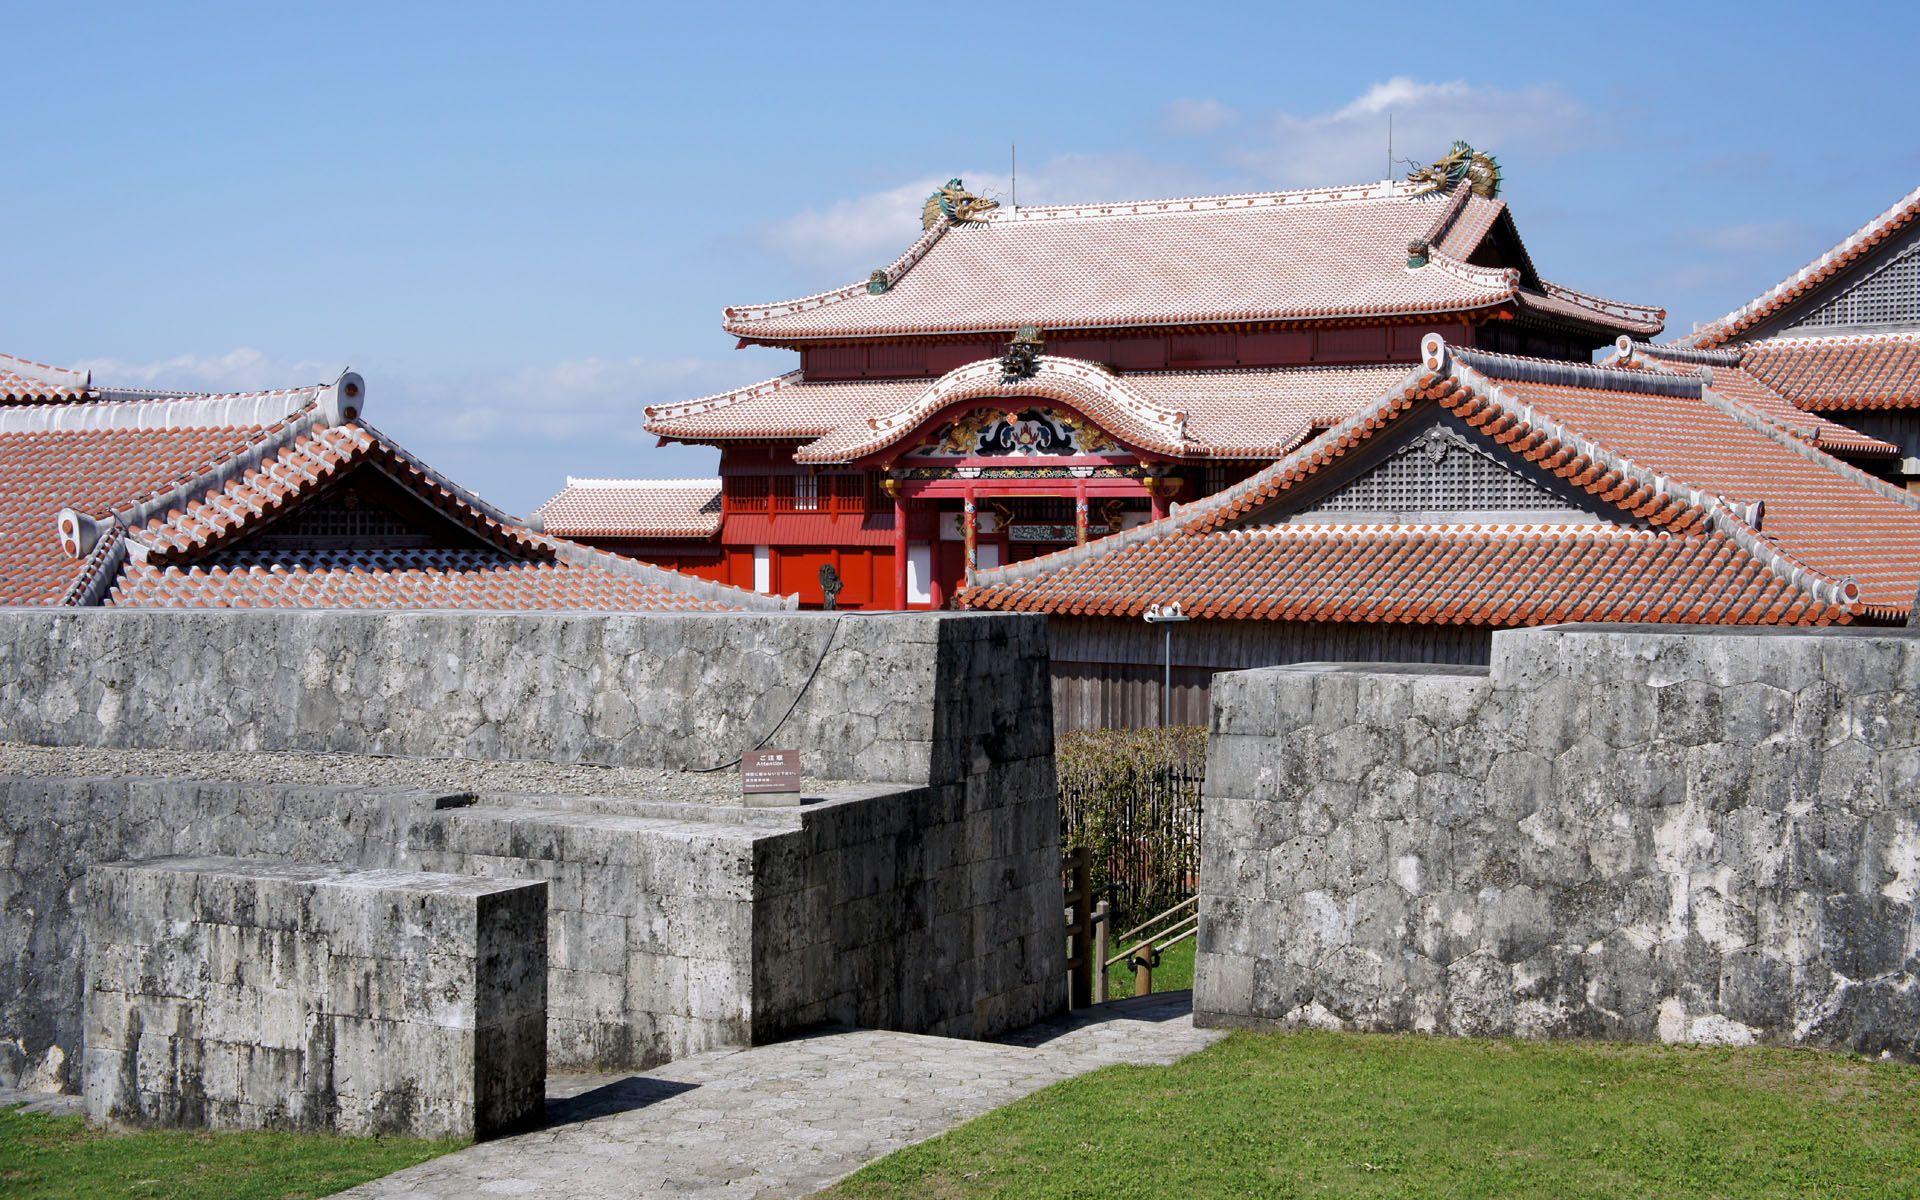 okinawa images | Naha Shuri Castle Naha Okinawa Japan - HD ...